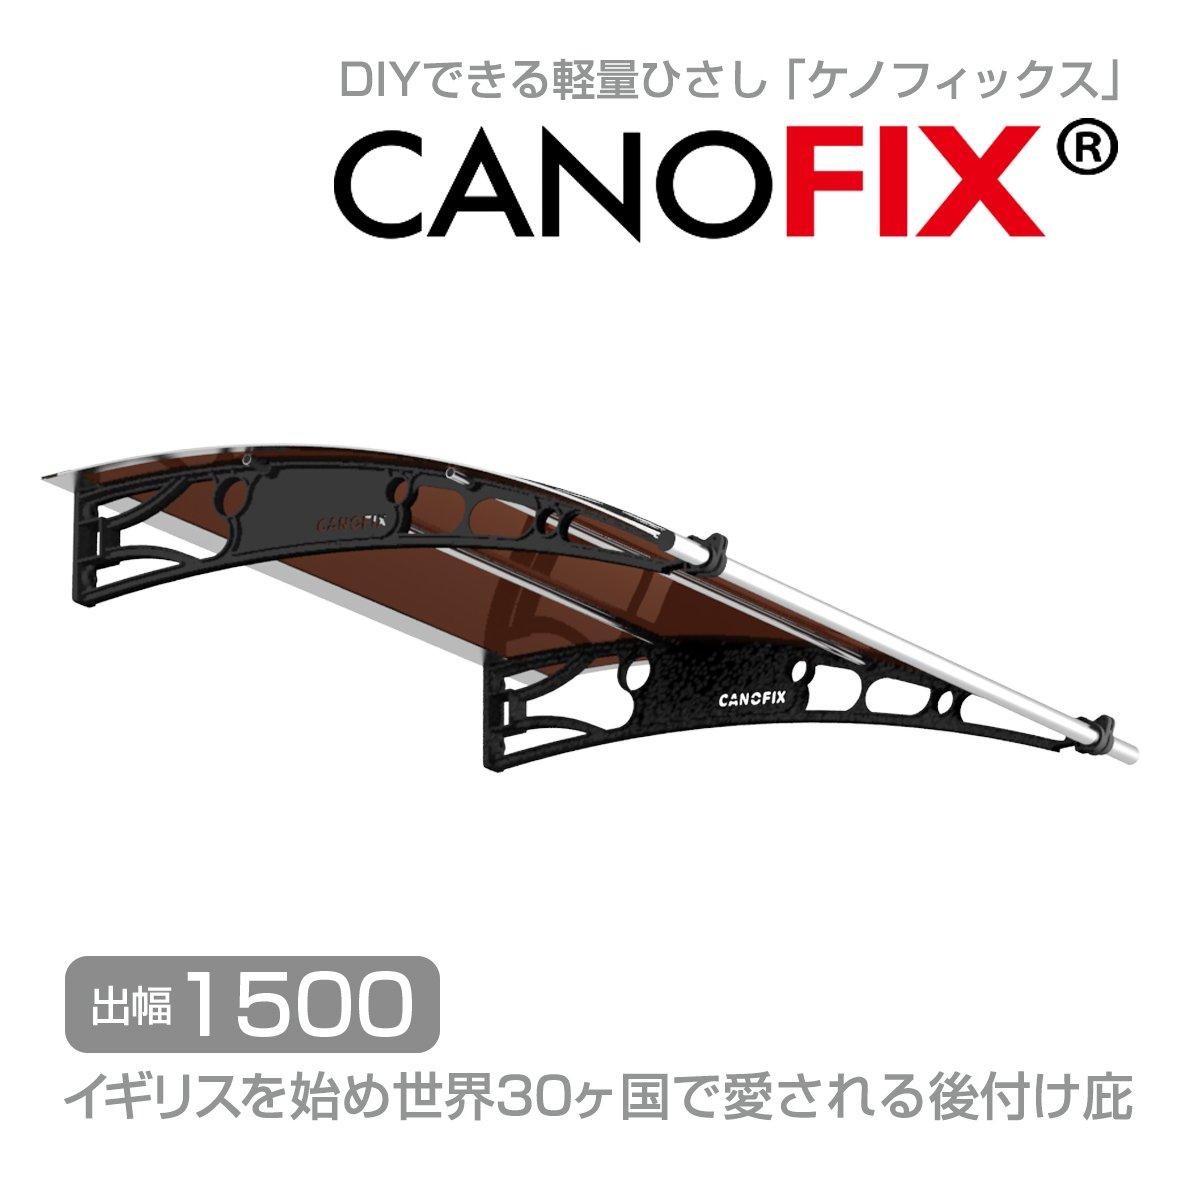 【日本総輸入元】DIY可能な後付けひさし ケノフィックス(CANOFIX) D1500 W5500/シート:ブラウン/ブラケット:ブラック B079HKT1FG 5500mm|ブラケット:ブラックシート:ブラウン ブラケット:ブラックシート:ブラウン 5500mm